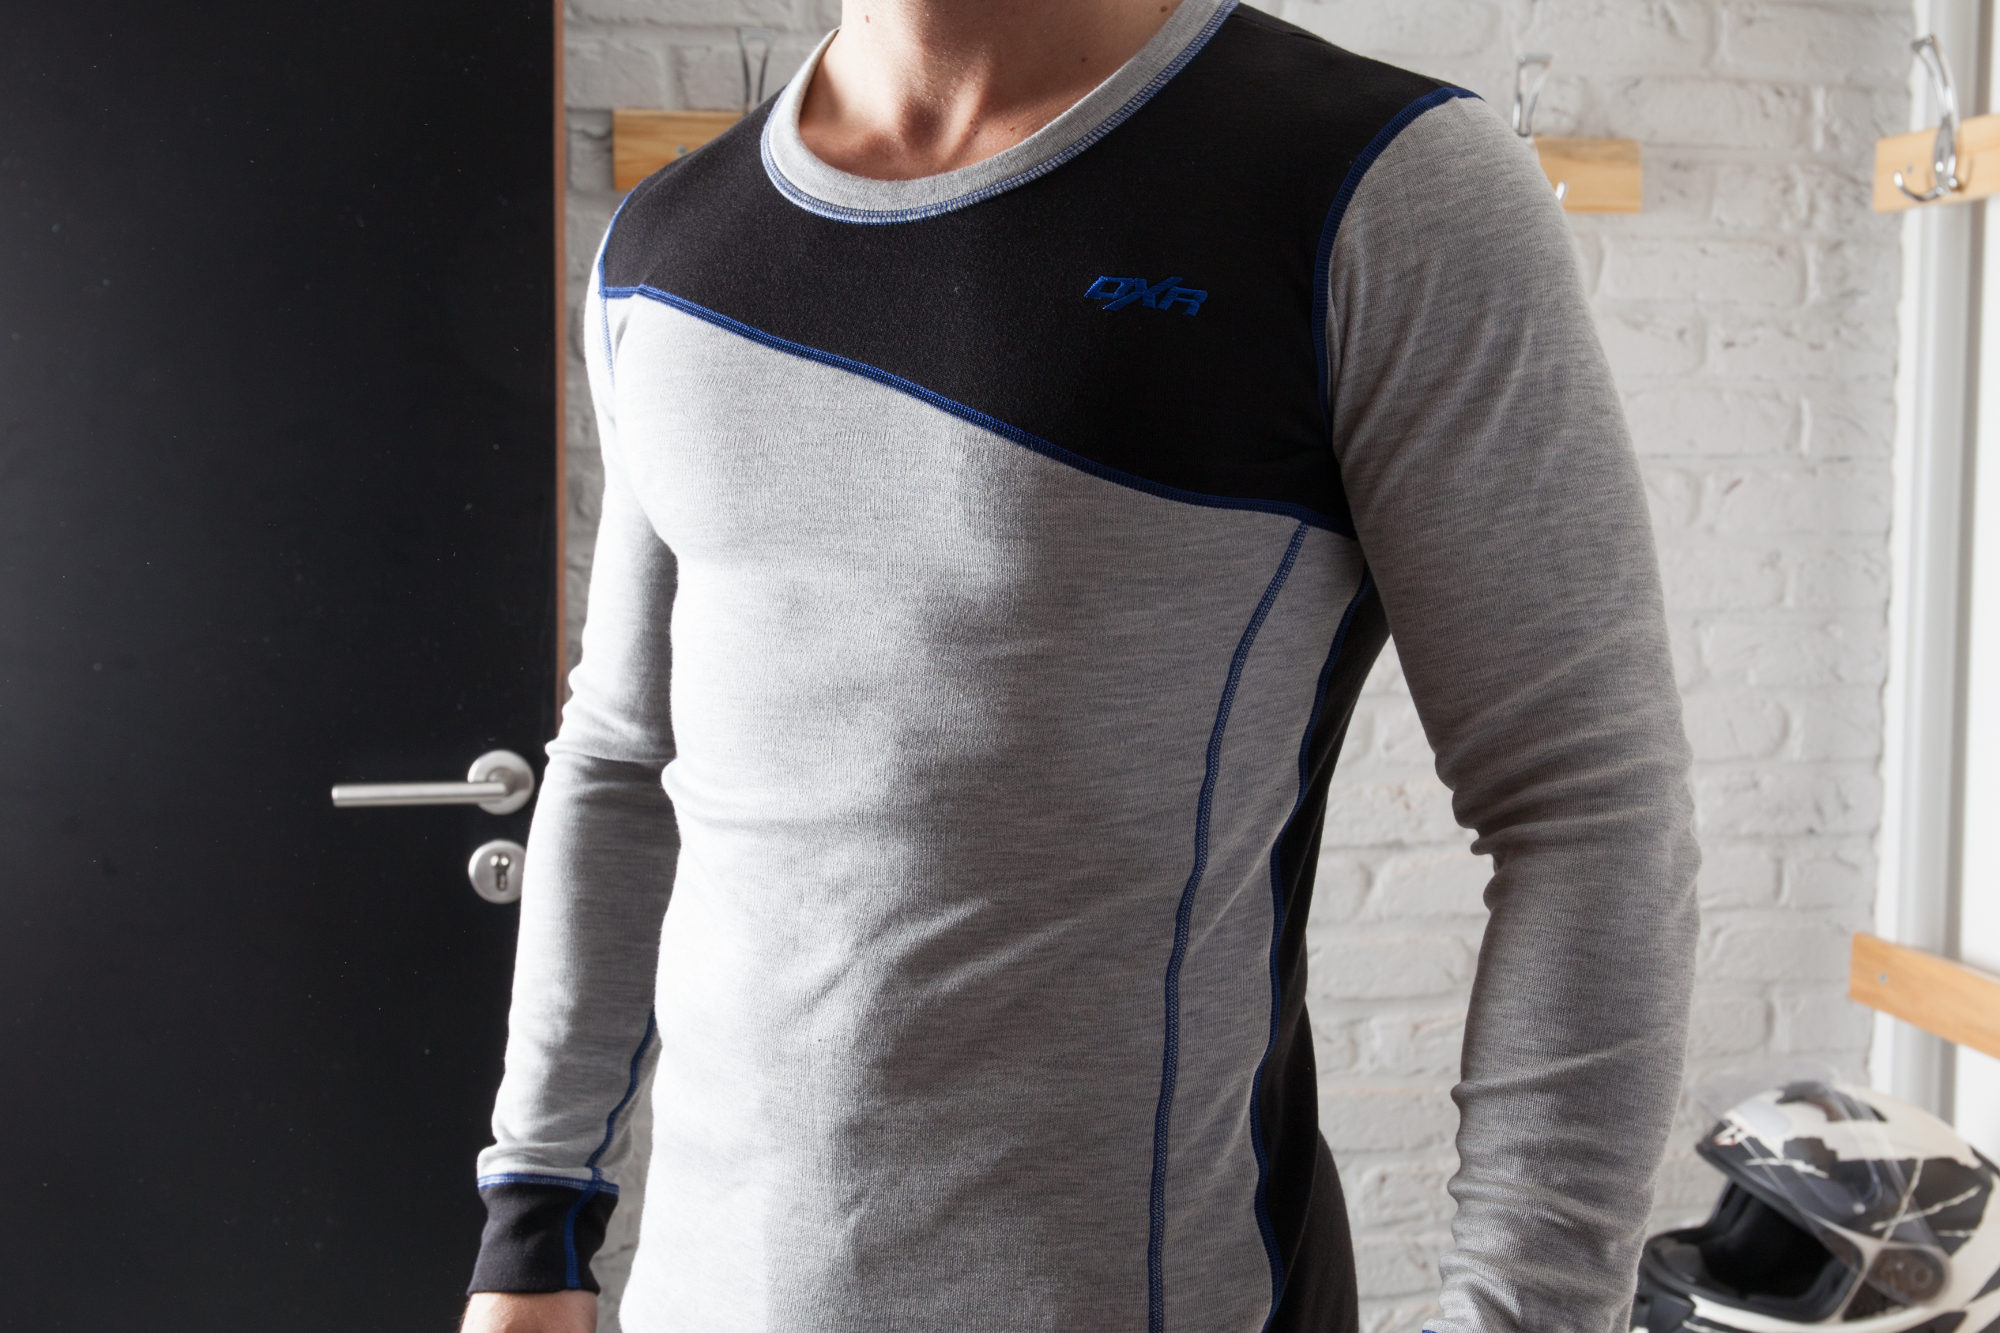 En contacto con vuestro cuerpo, DXR Vaillant proporciona un bienestar térmico inmediato